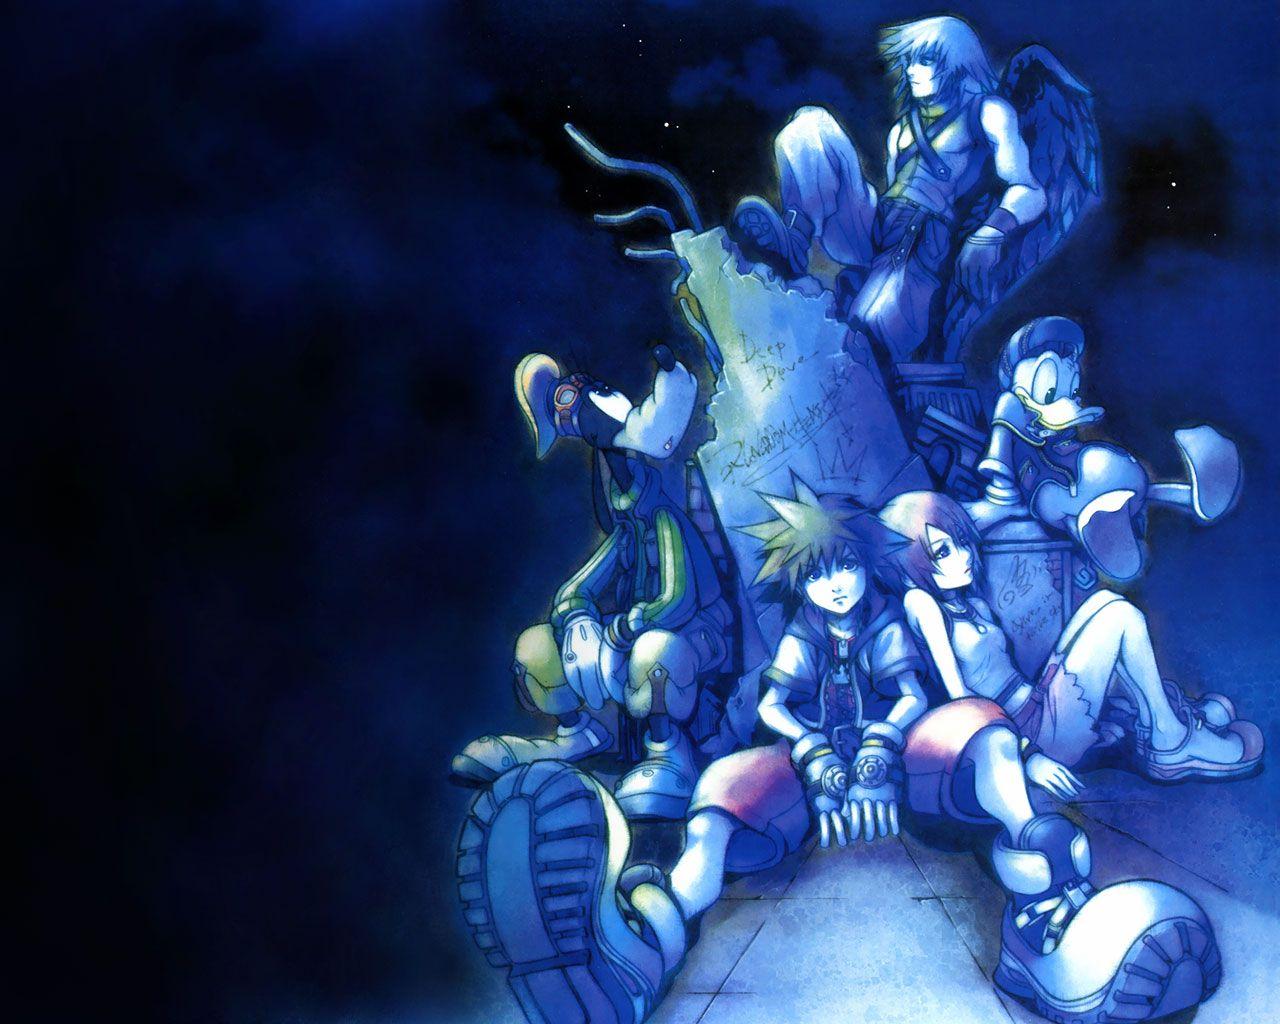 Kingdom Hearts Final Mix Kingdom Hearts Ii Final Mix From